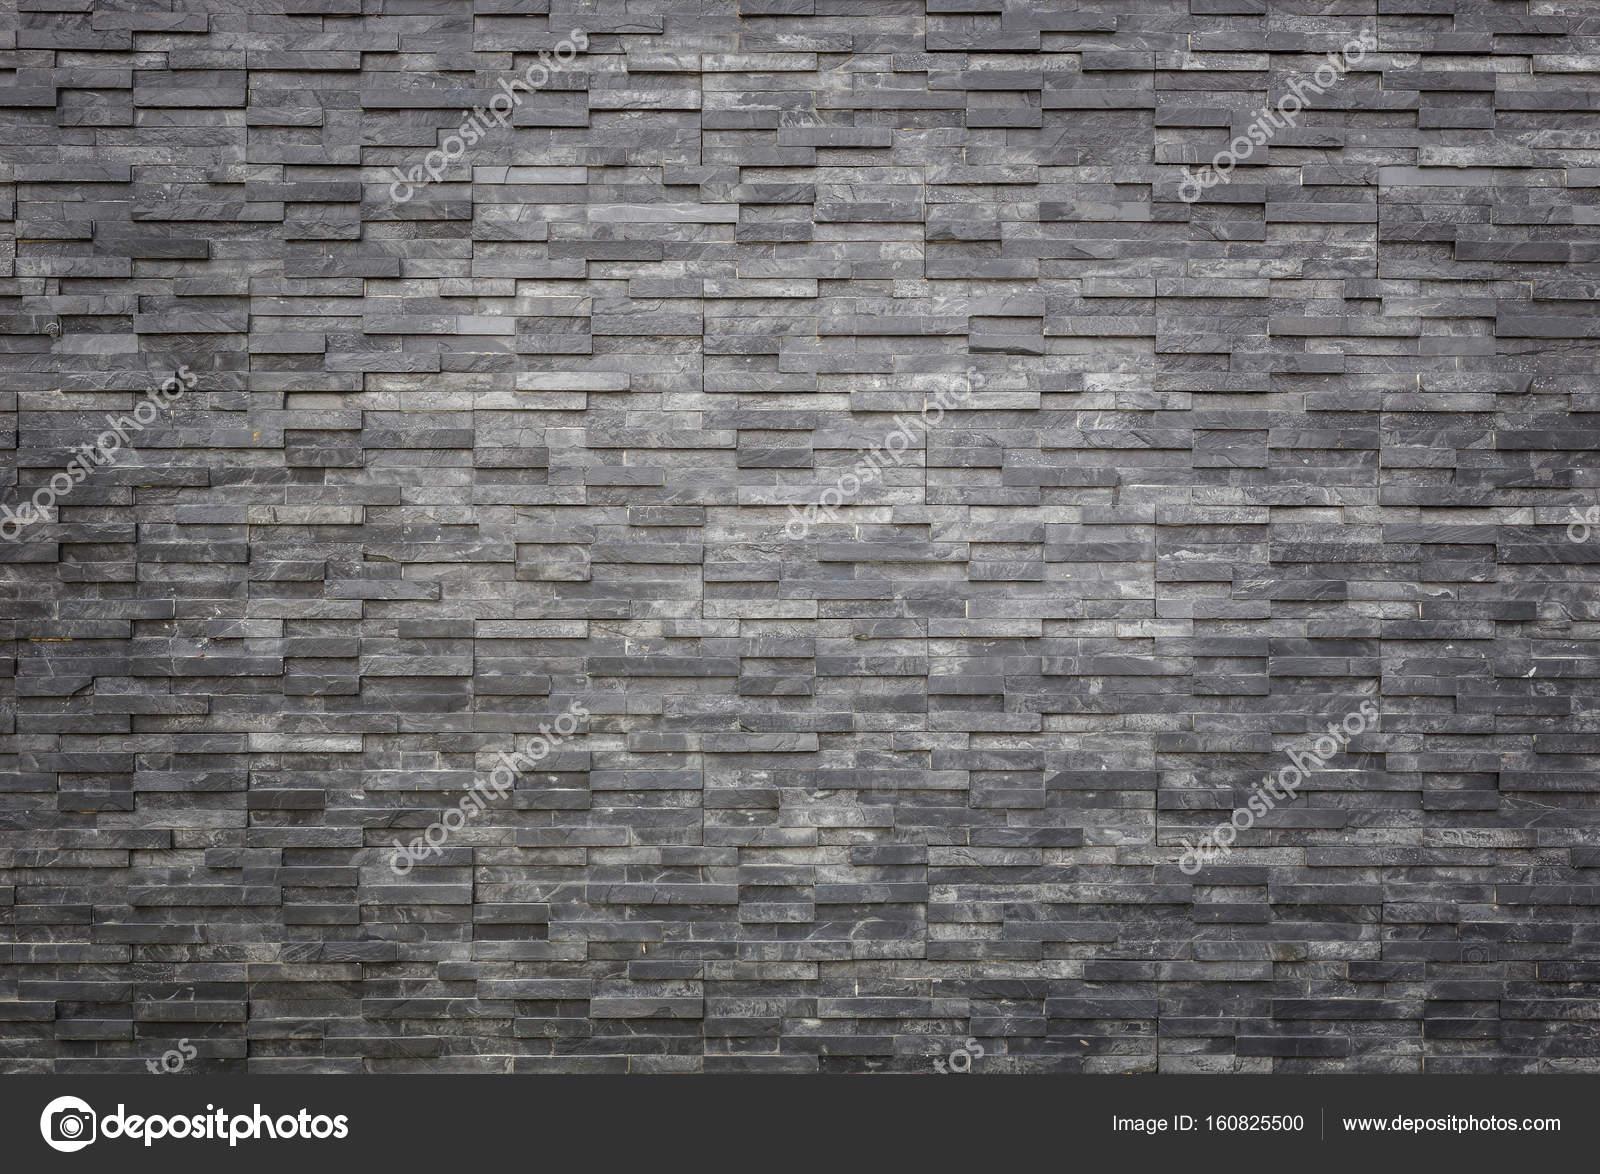 Motif De La Texture De Mur Du0027ardoise Noire Et Lu0027arrière Plan. Intérieur Ou  Décoration Extérieure U2014 Image De PhanuwatNandee